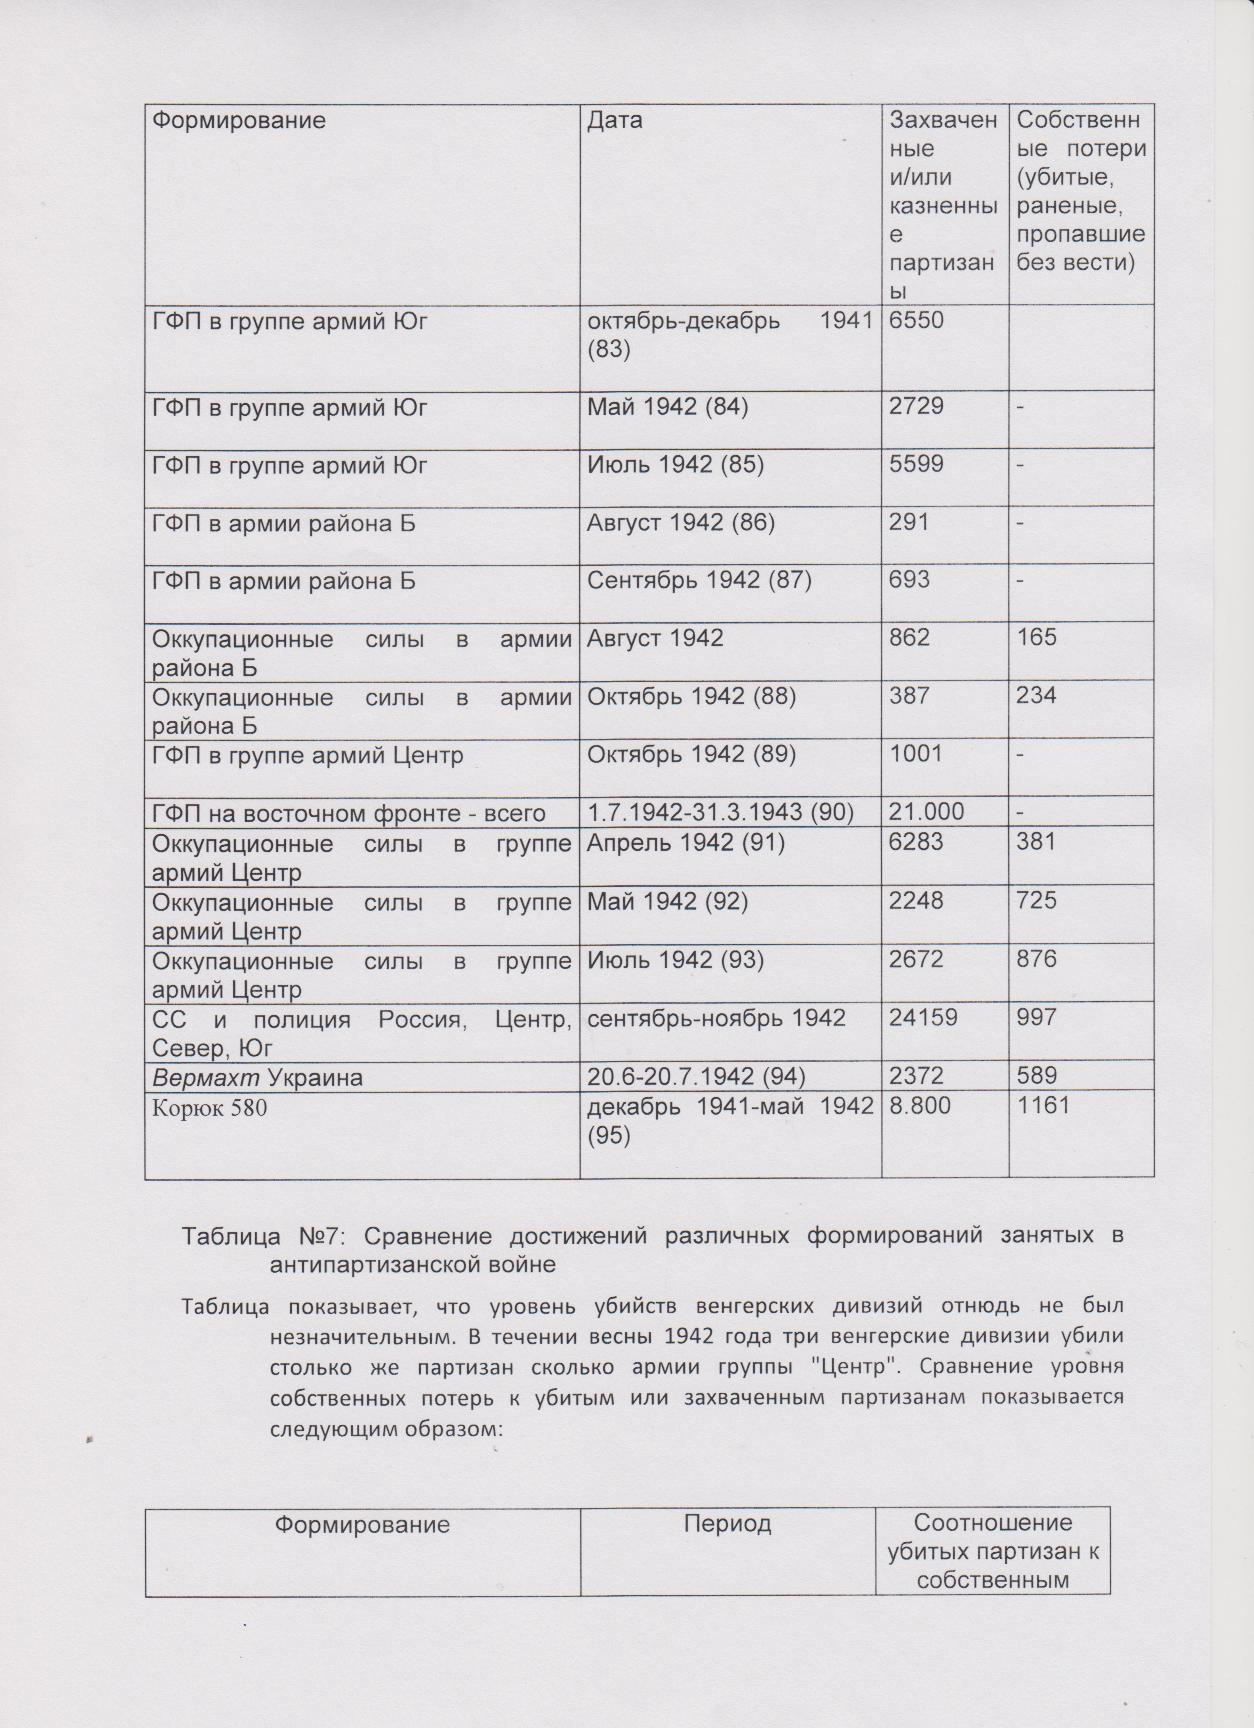 Унгвари таблица-7